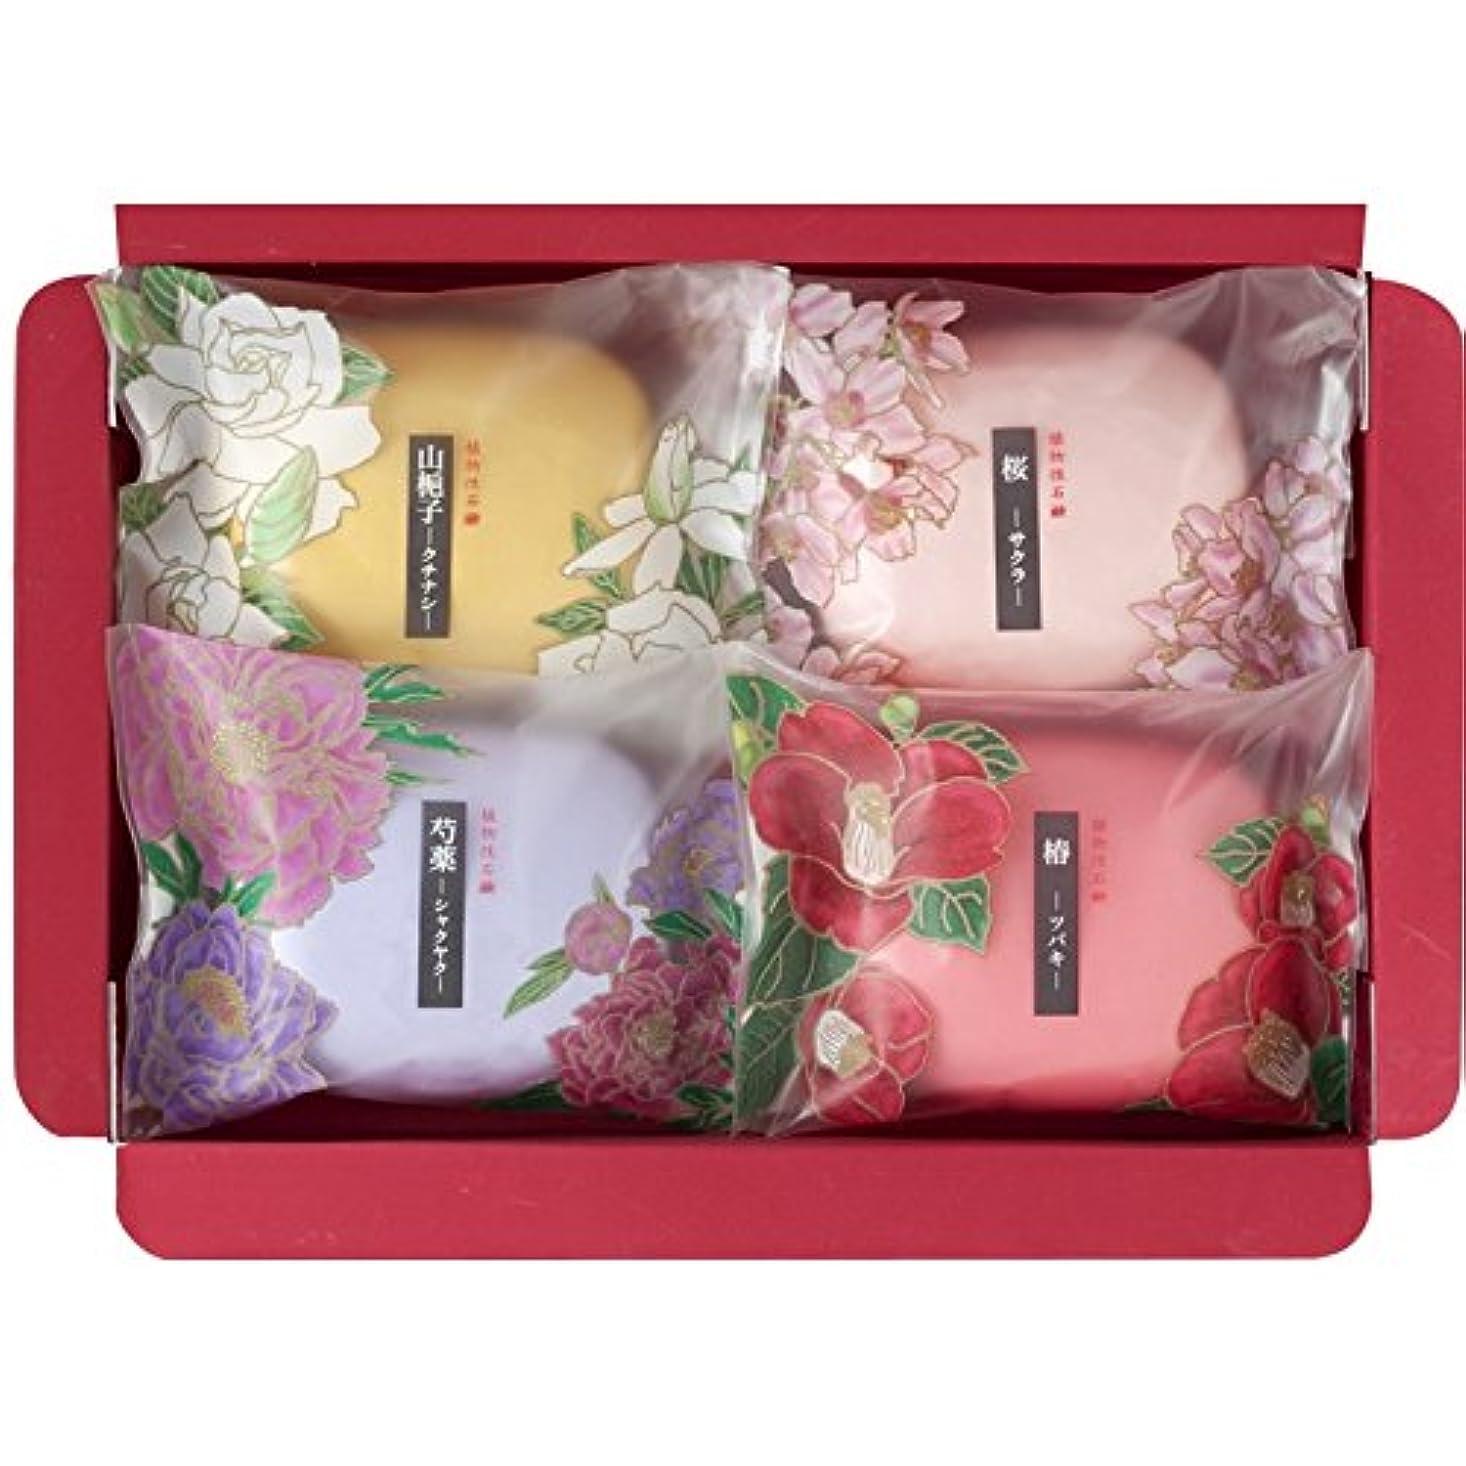 波紋キャメルストローク彩花だより 【固形 ギフト せっけん あわ いい香り いい匂い うるおい プレゼント お風呂 かおり からだ きれい つめあわせ 日本製 国産 500】